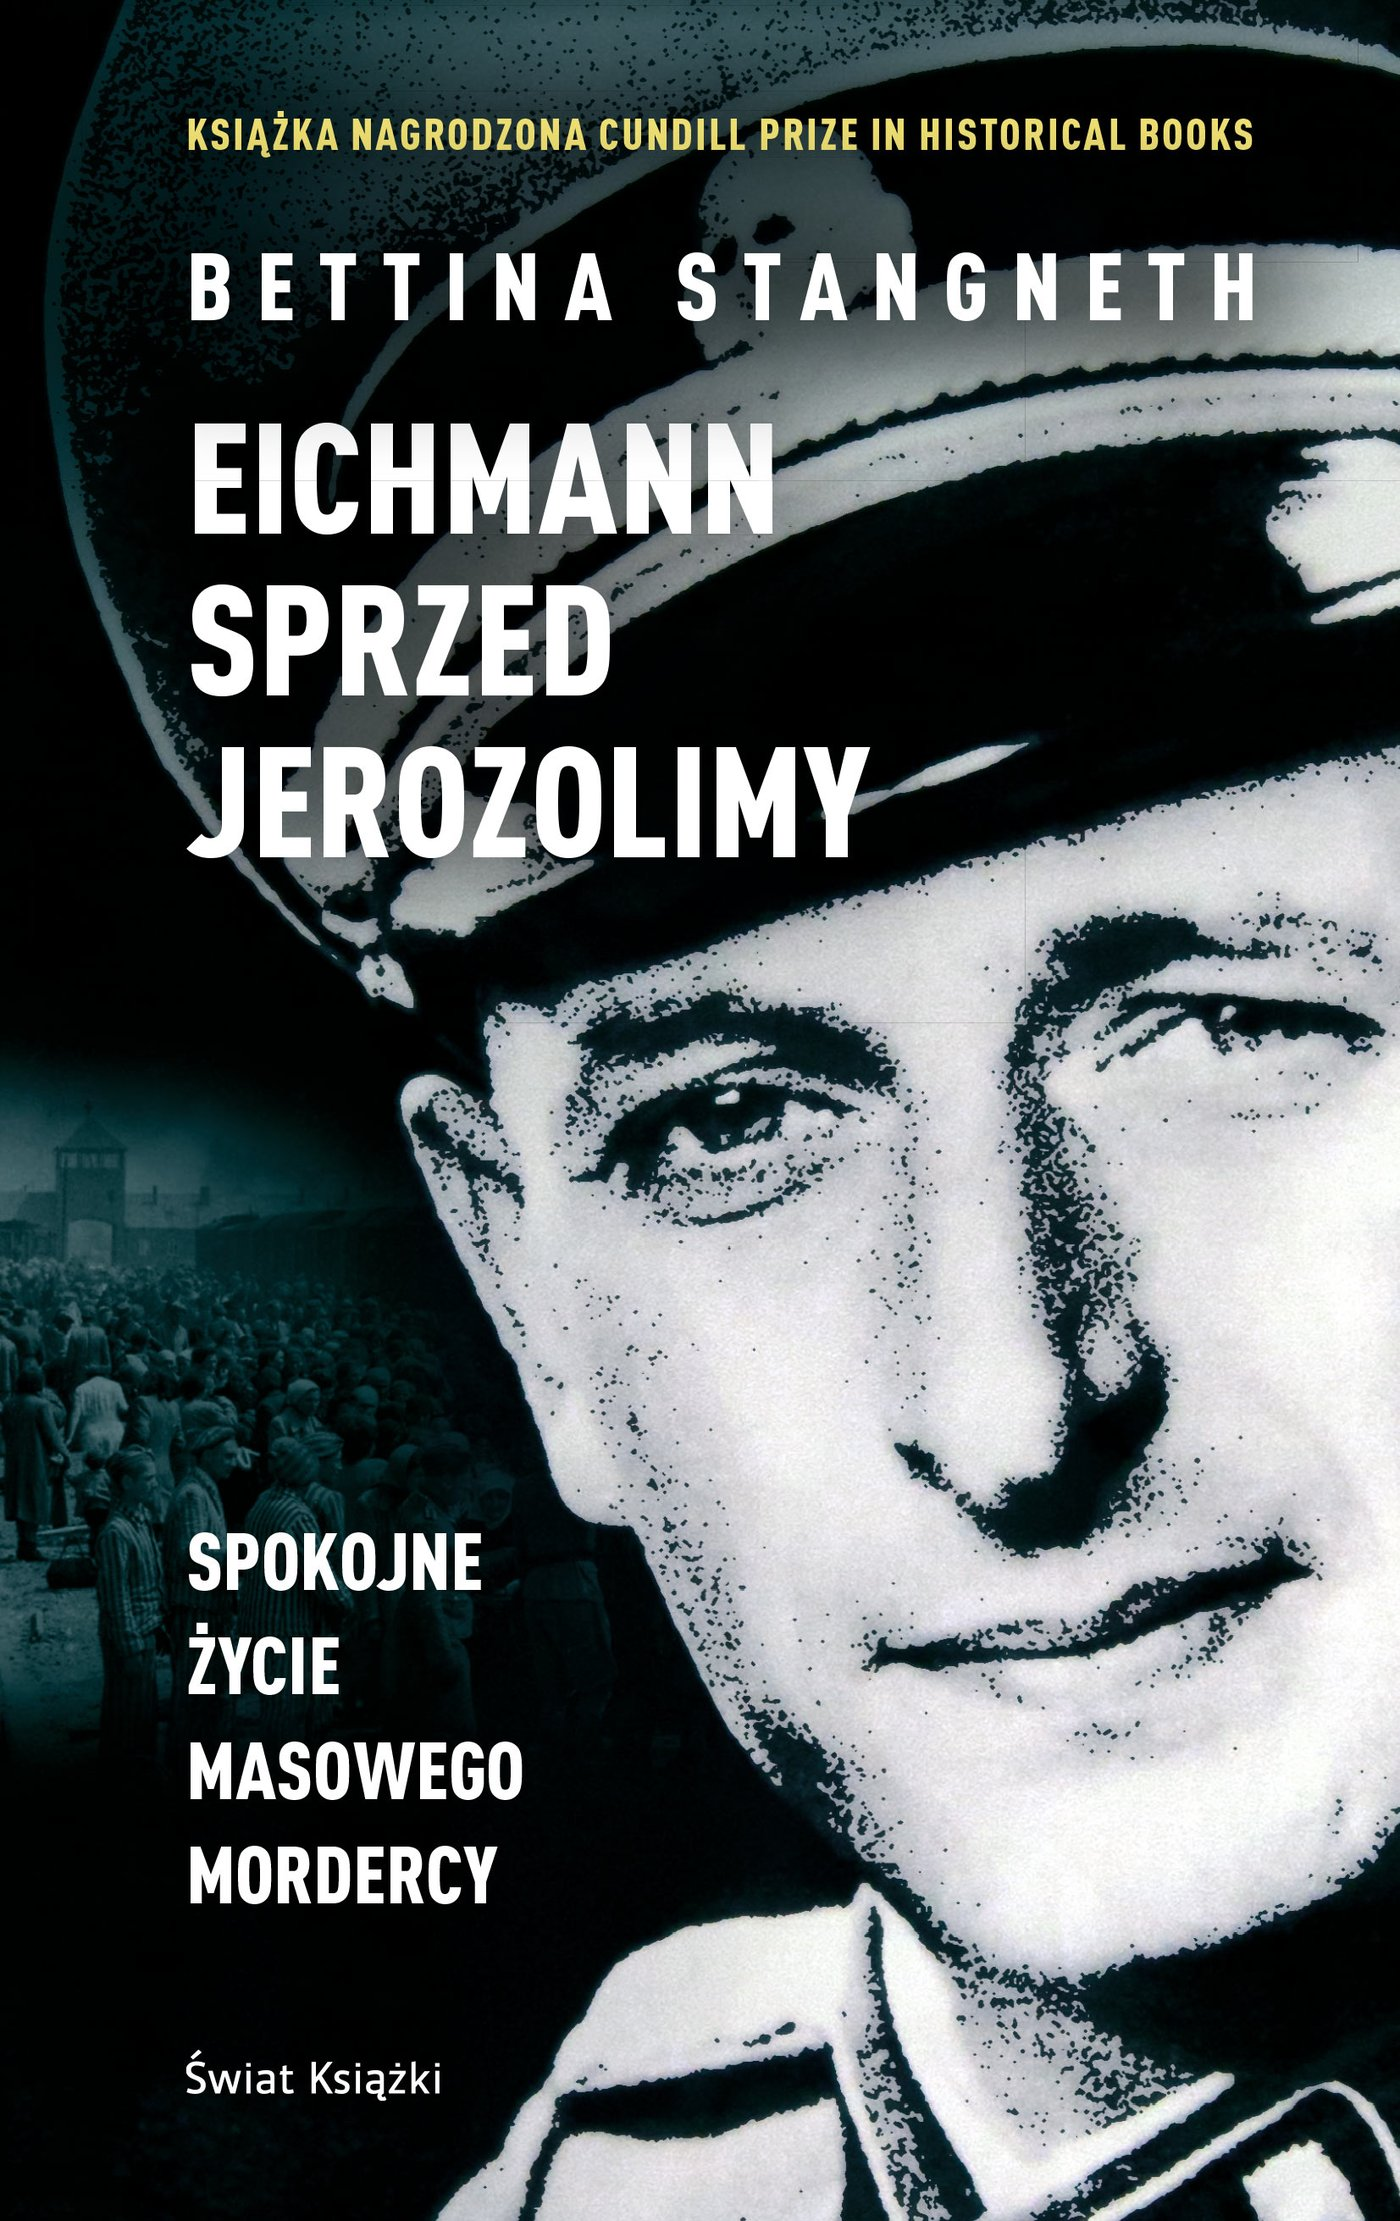 Eichmann sprzed Jerozolimy - Ebook (Książka EPUB) do pobrania w formacie EPUB